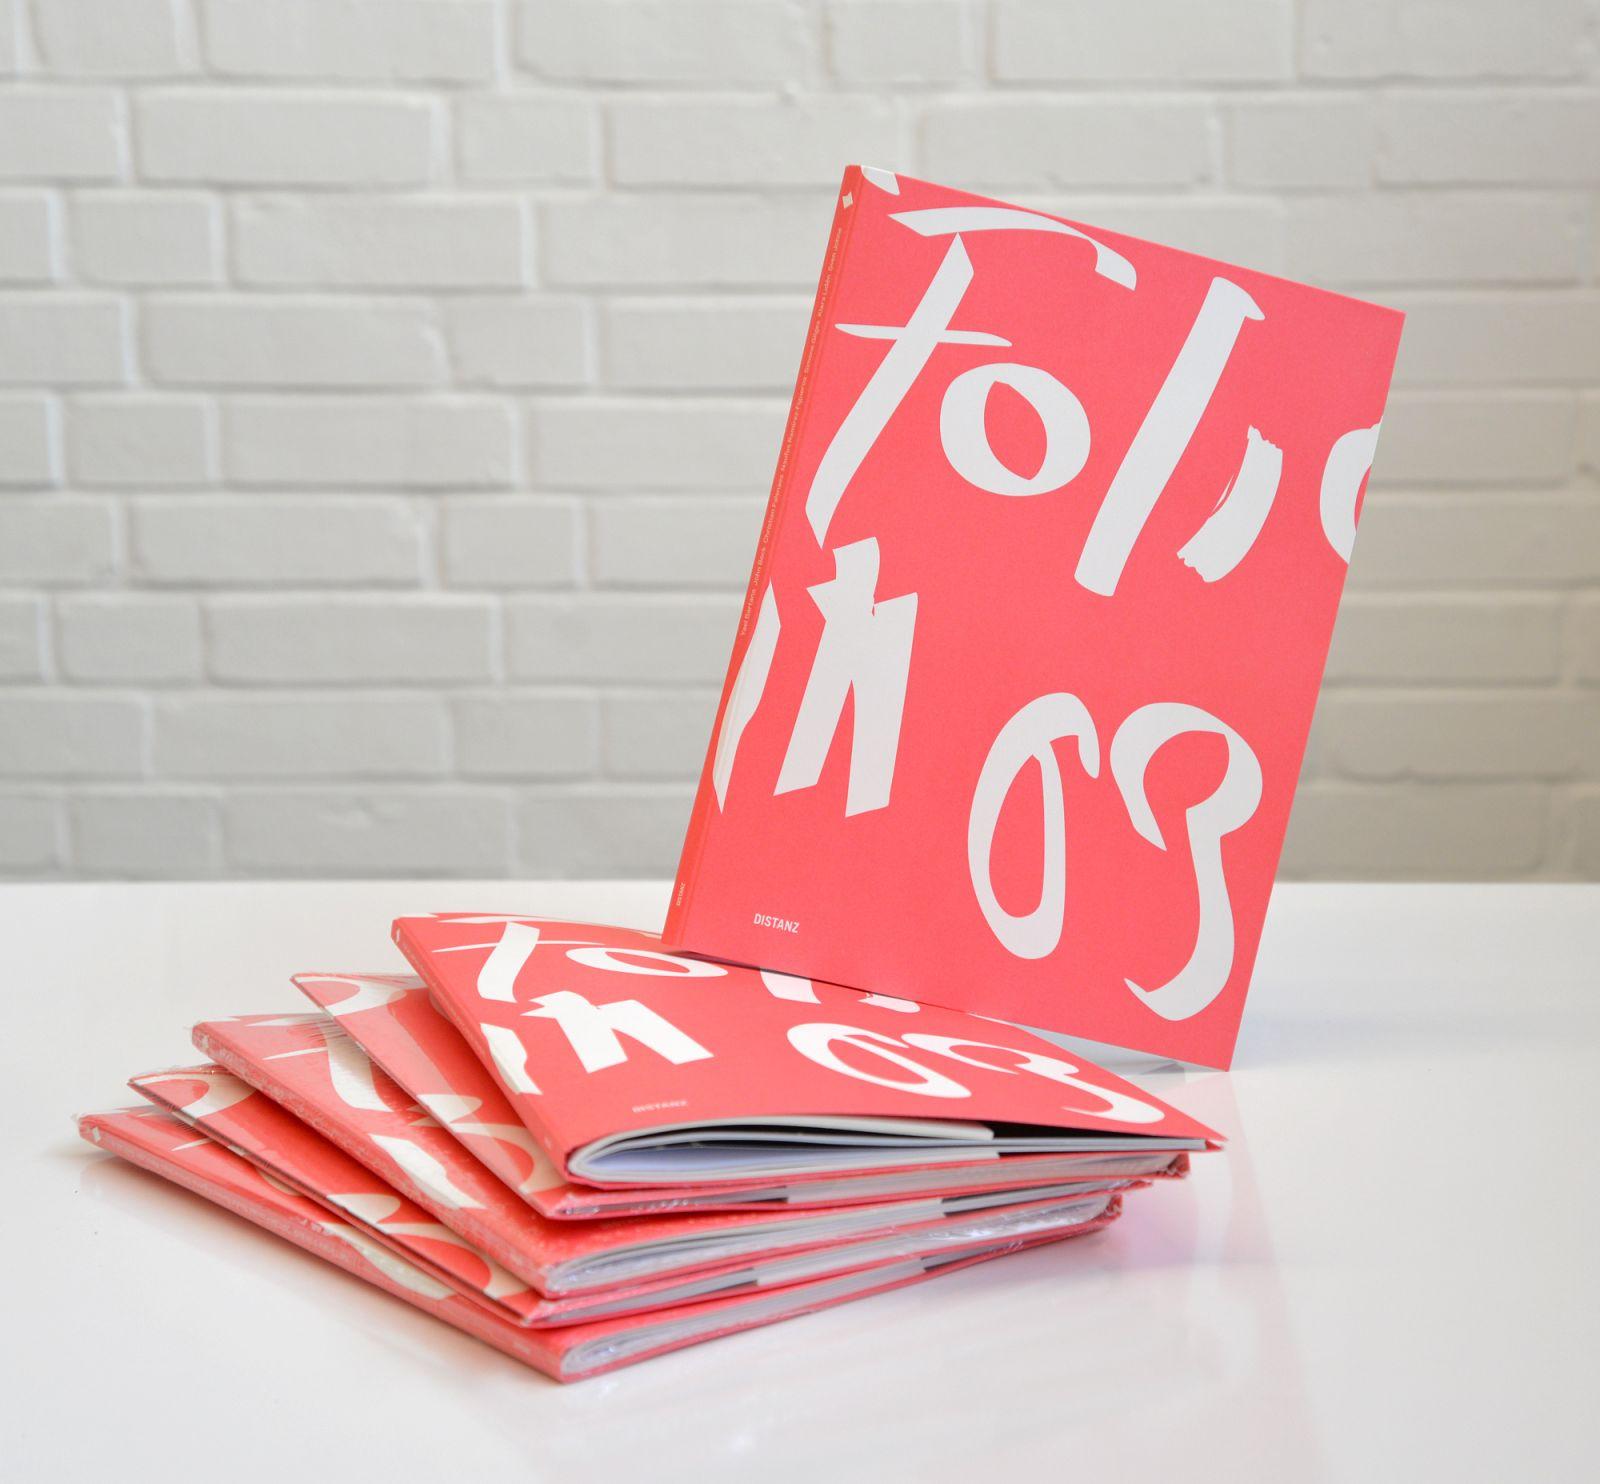 katalog-portfolio-berlin-03_4.jpg